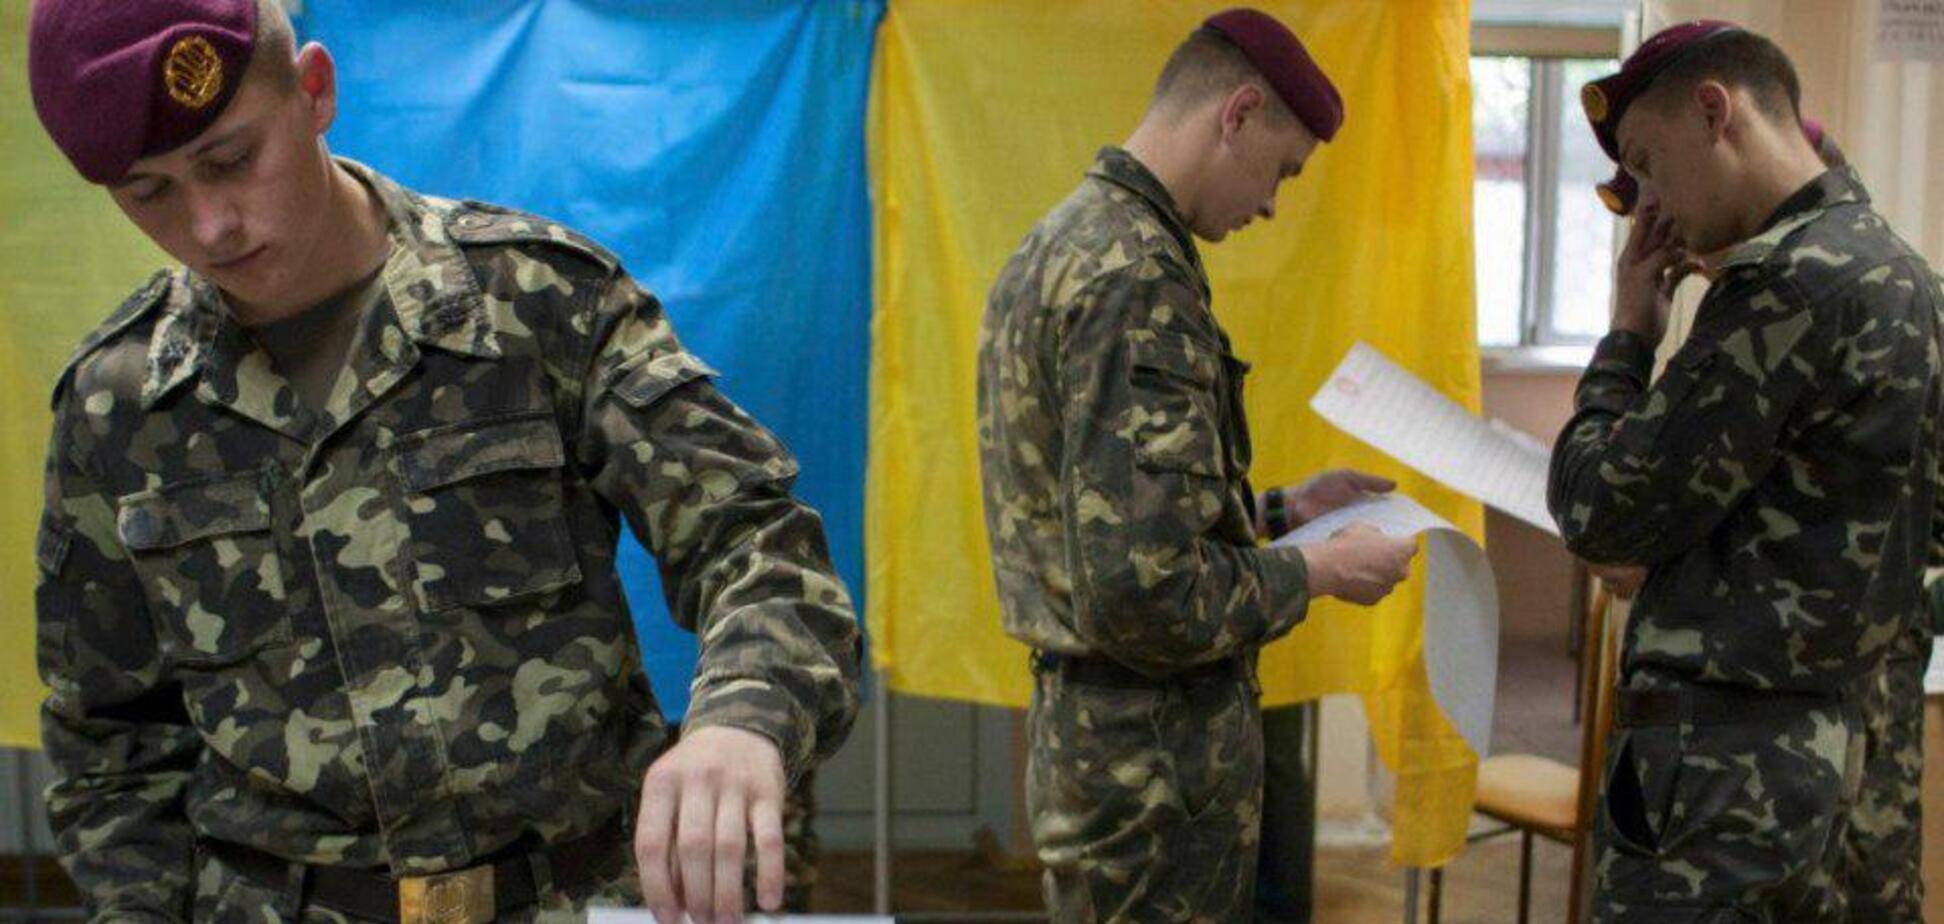 Выборы в Украине: опубликованы неожиданные результаты голосования среди военных